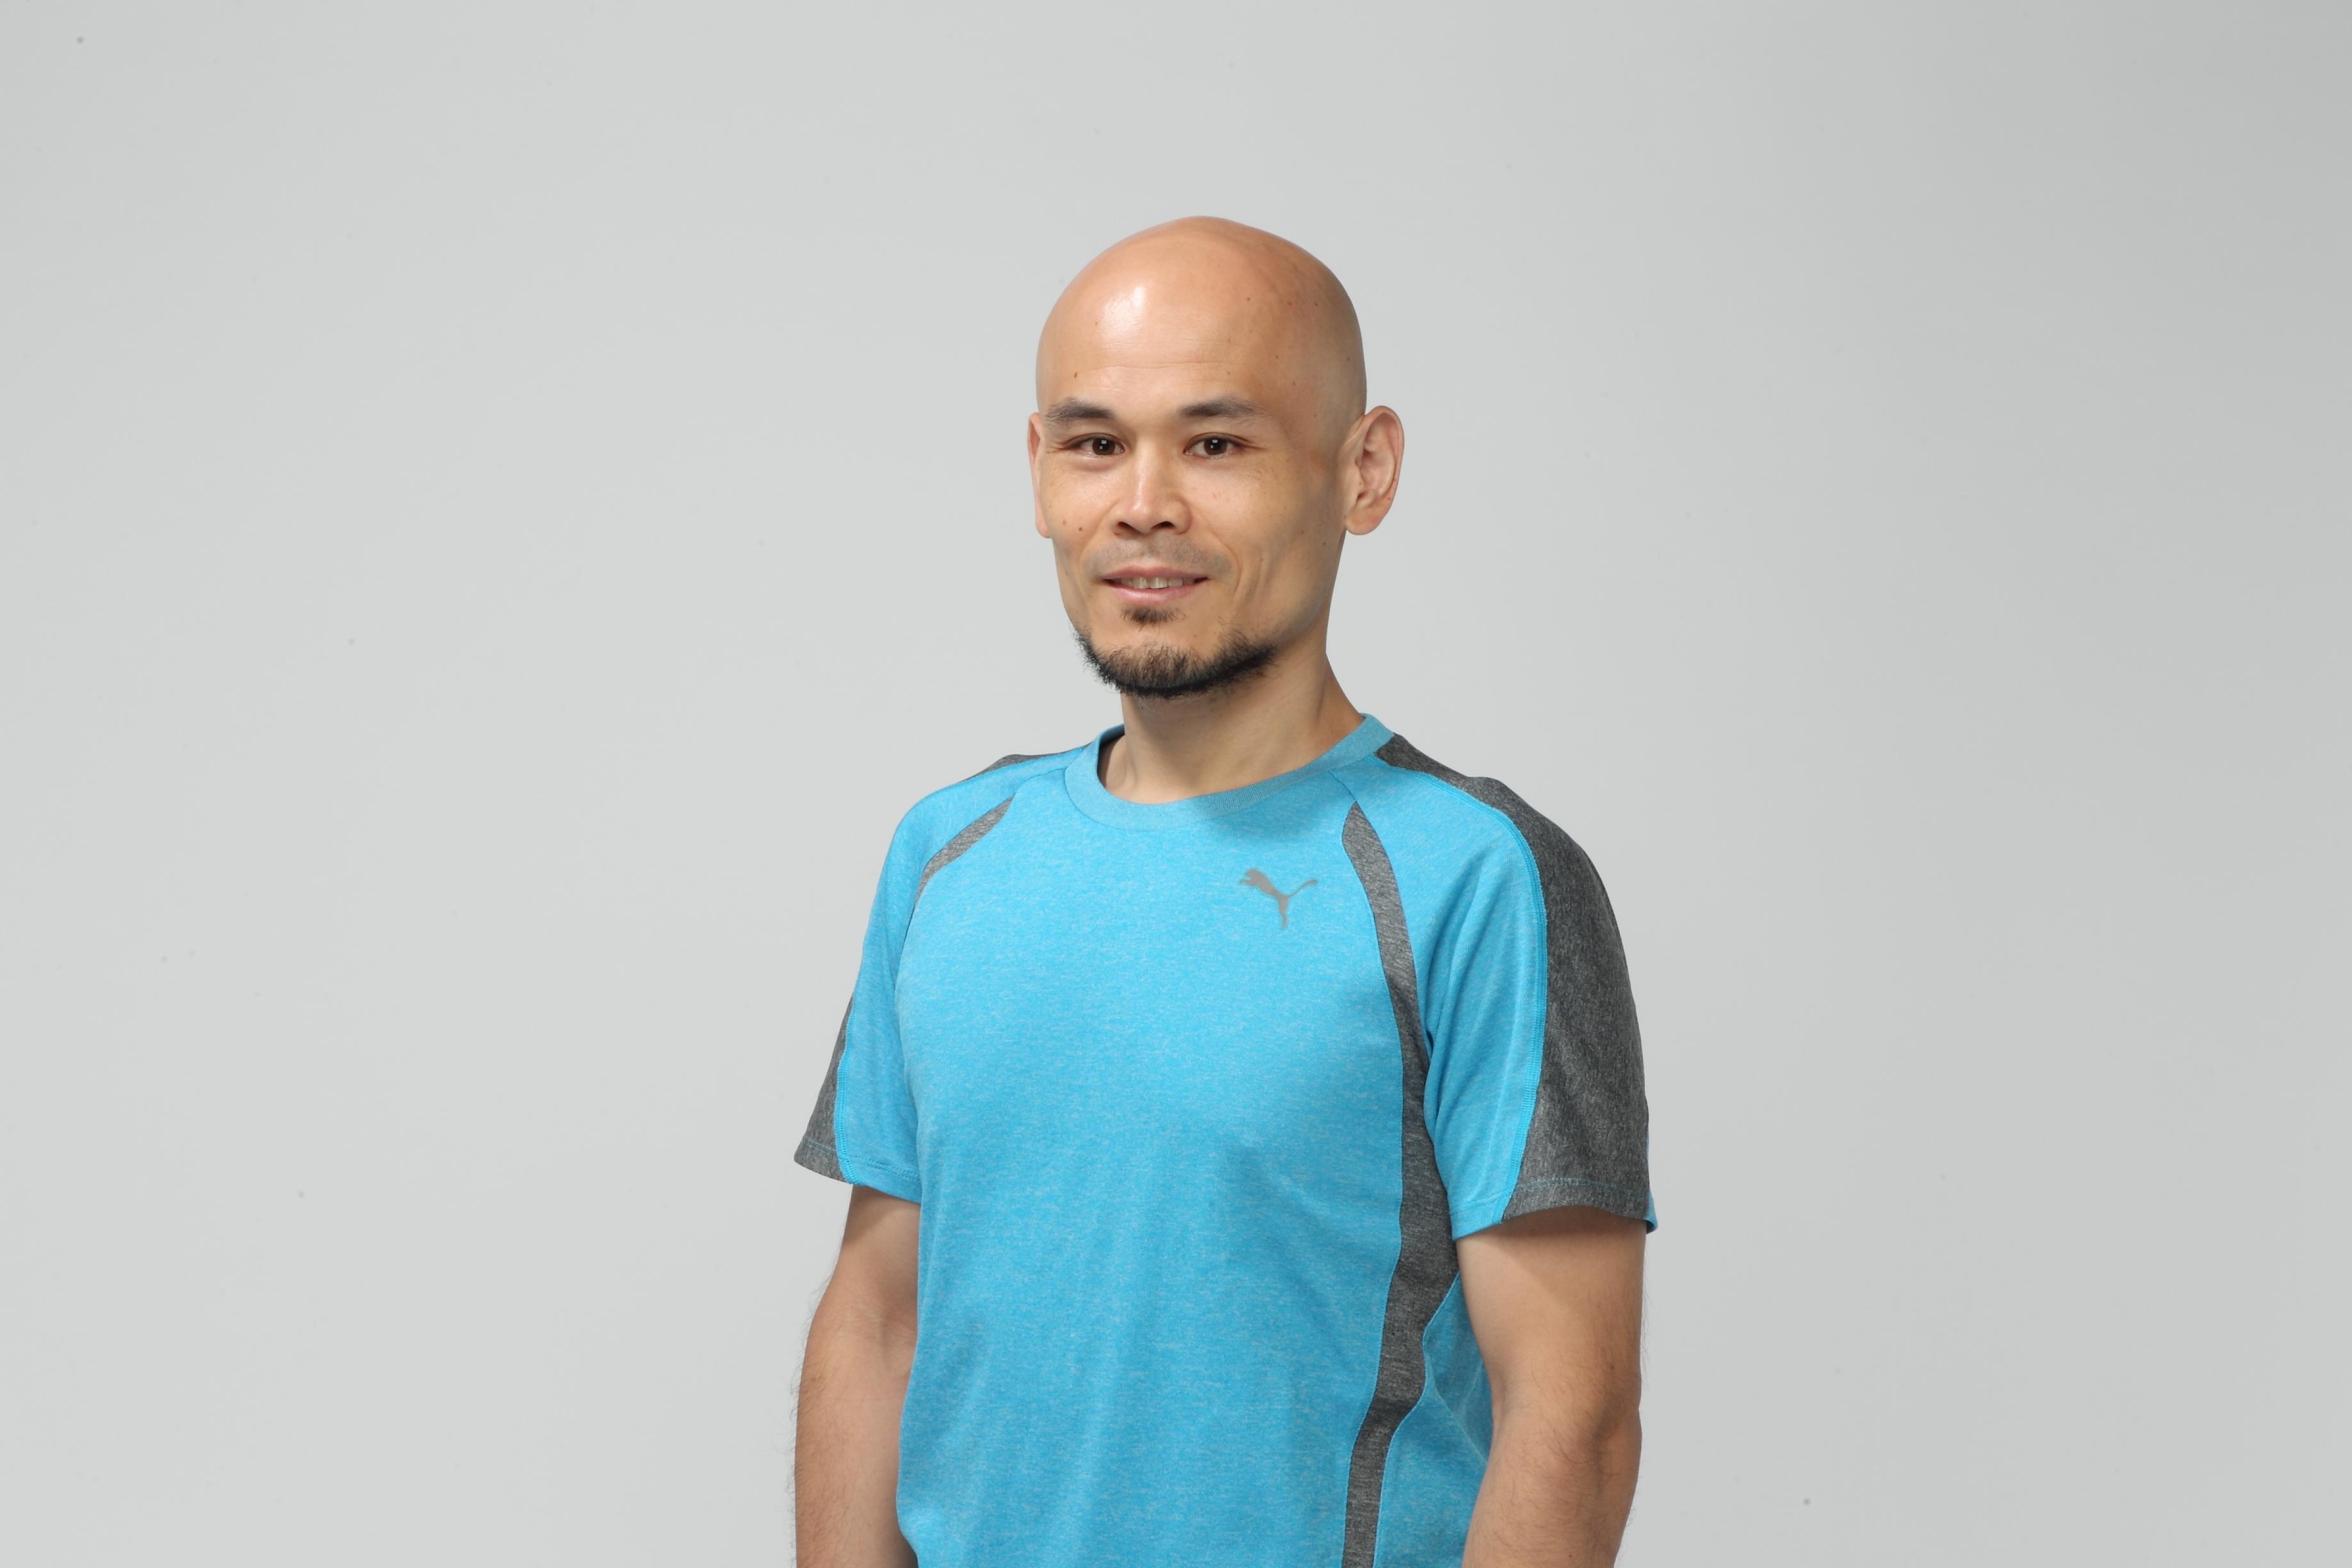 芹澤 宏治(せりざわ こうじ)